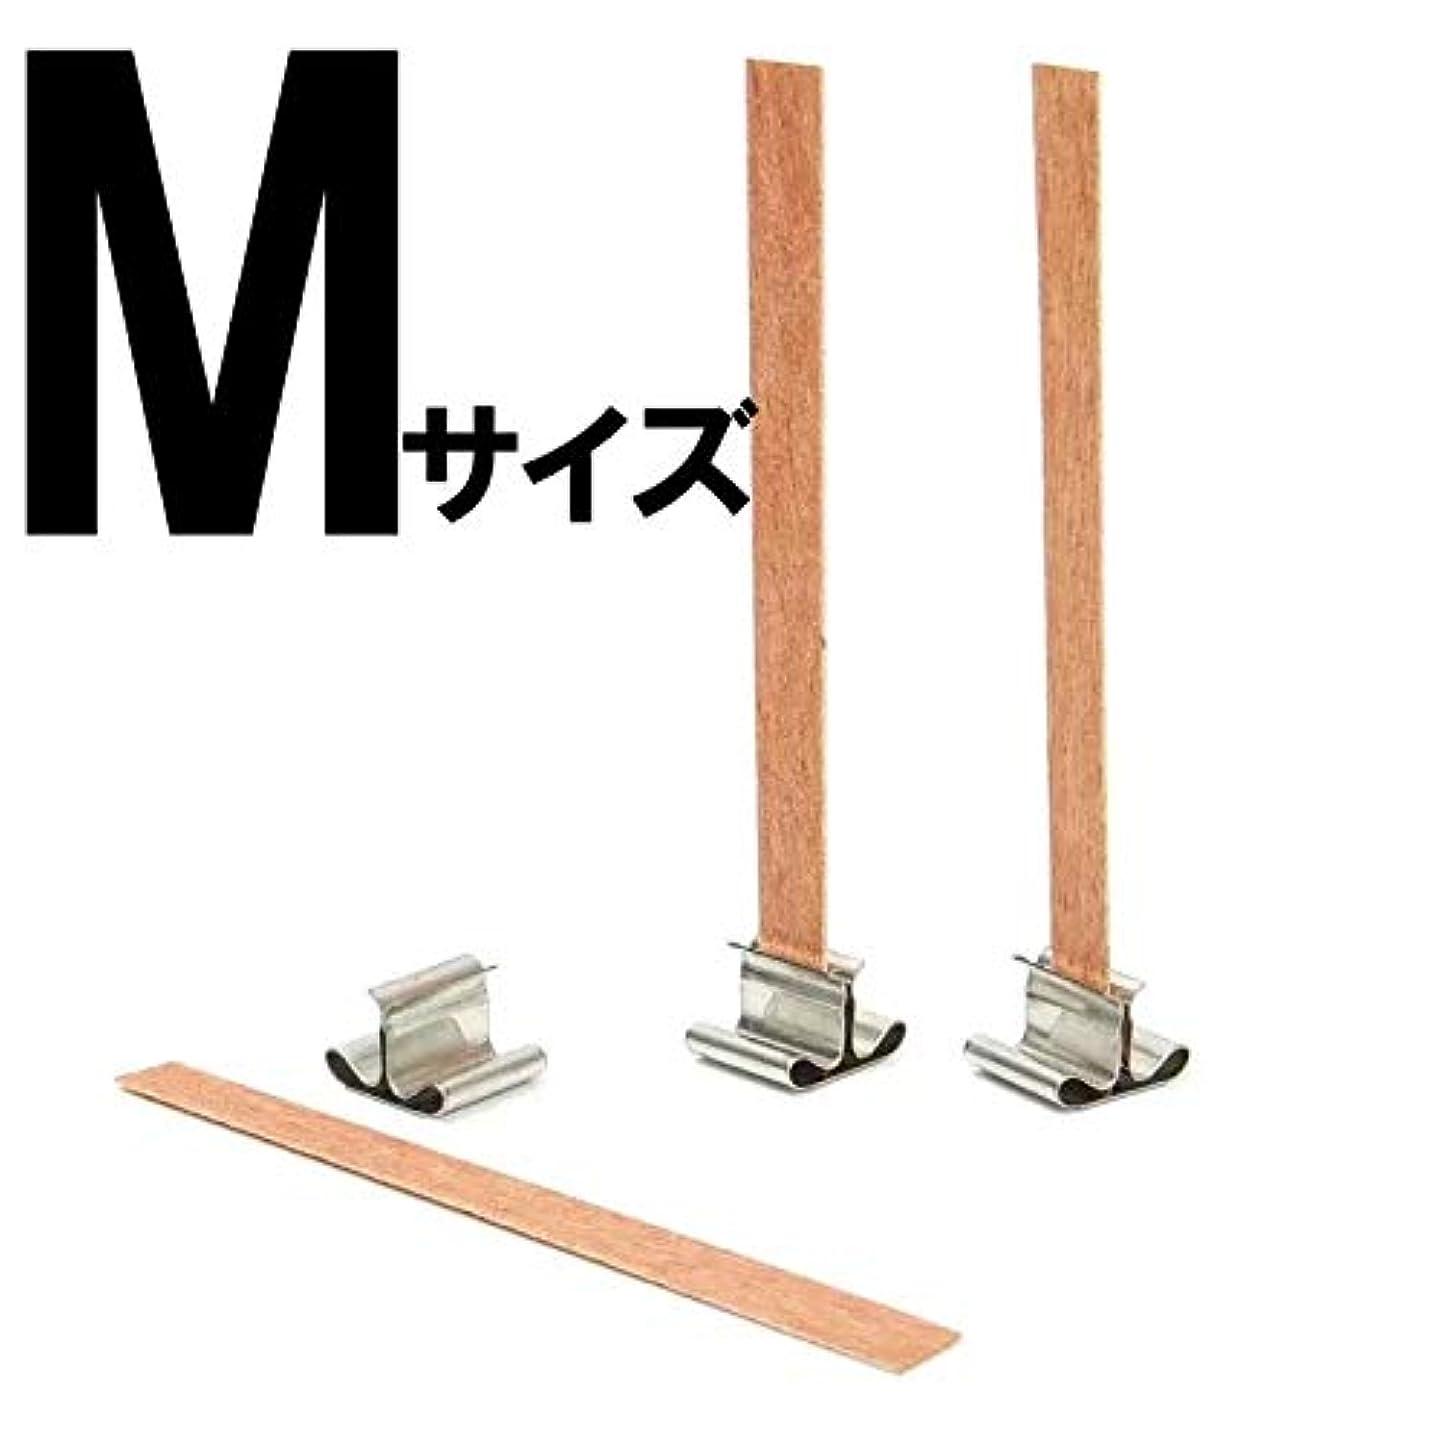 適応そうでなければウルルキャンドル用 木芯 ウッドウィック 座金付き Mサイズ (5本セット)